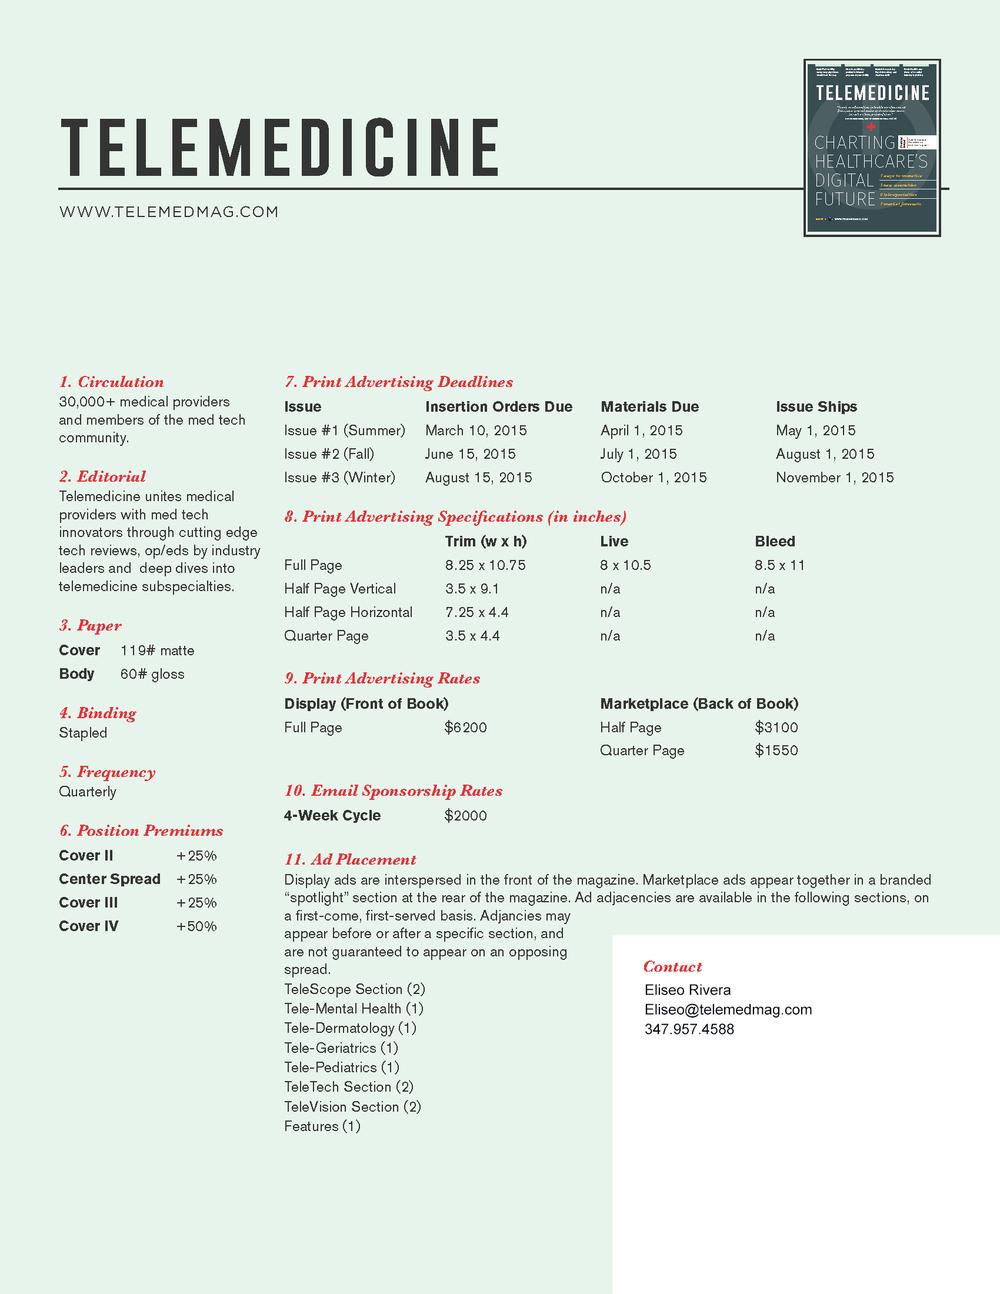 TeleMed_Media_Kit_Rates.jpg